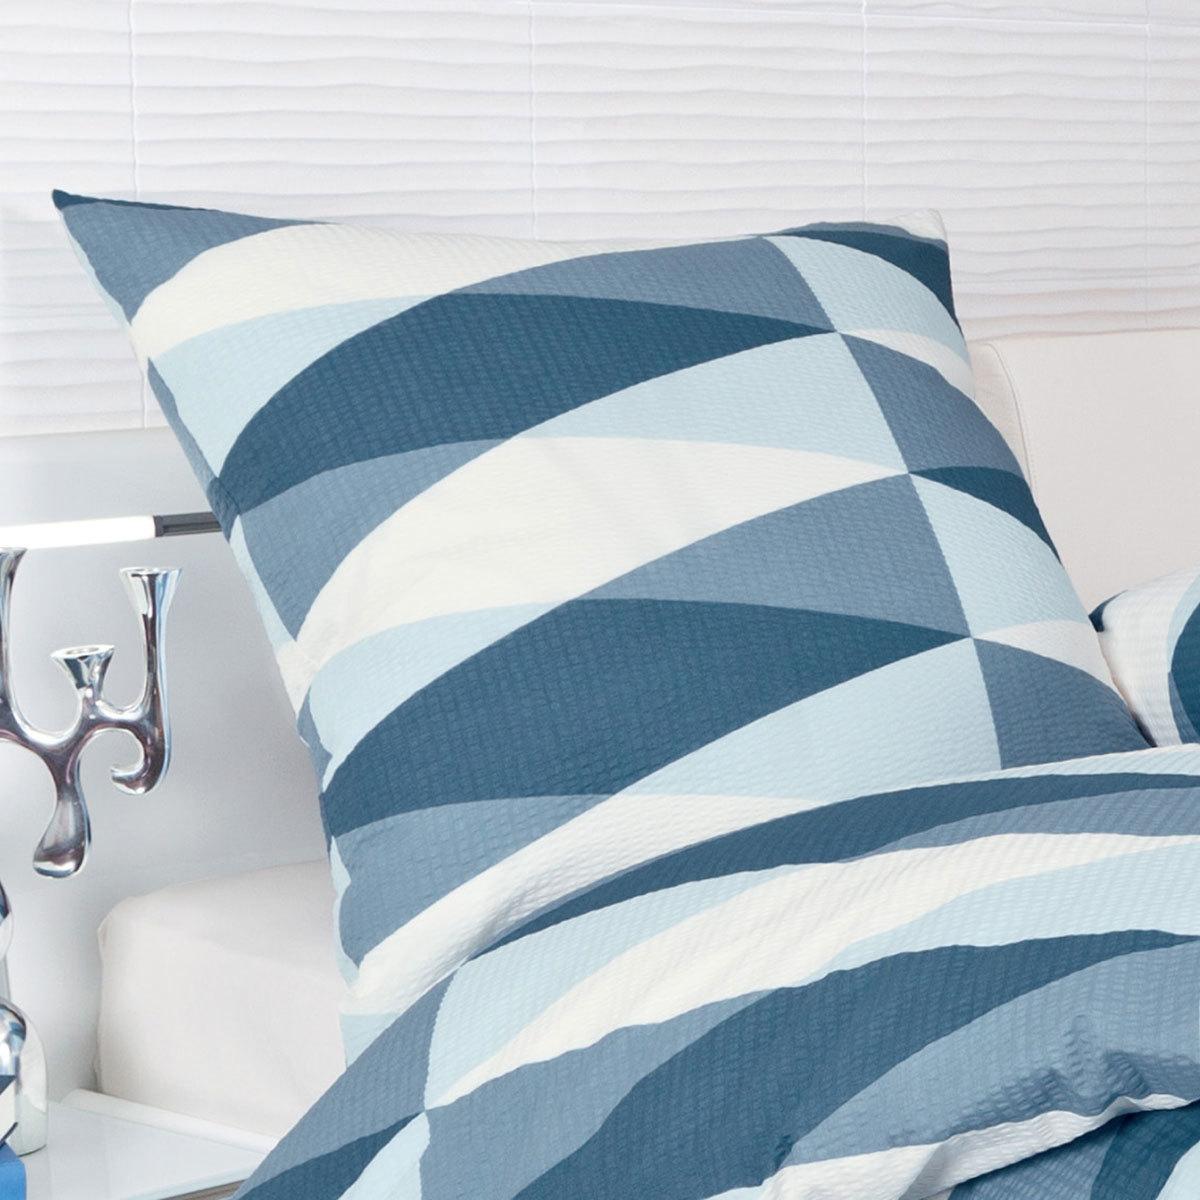 Bettwaren Wäsche Matratzen Janine Design Seersucker Bettwäsche